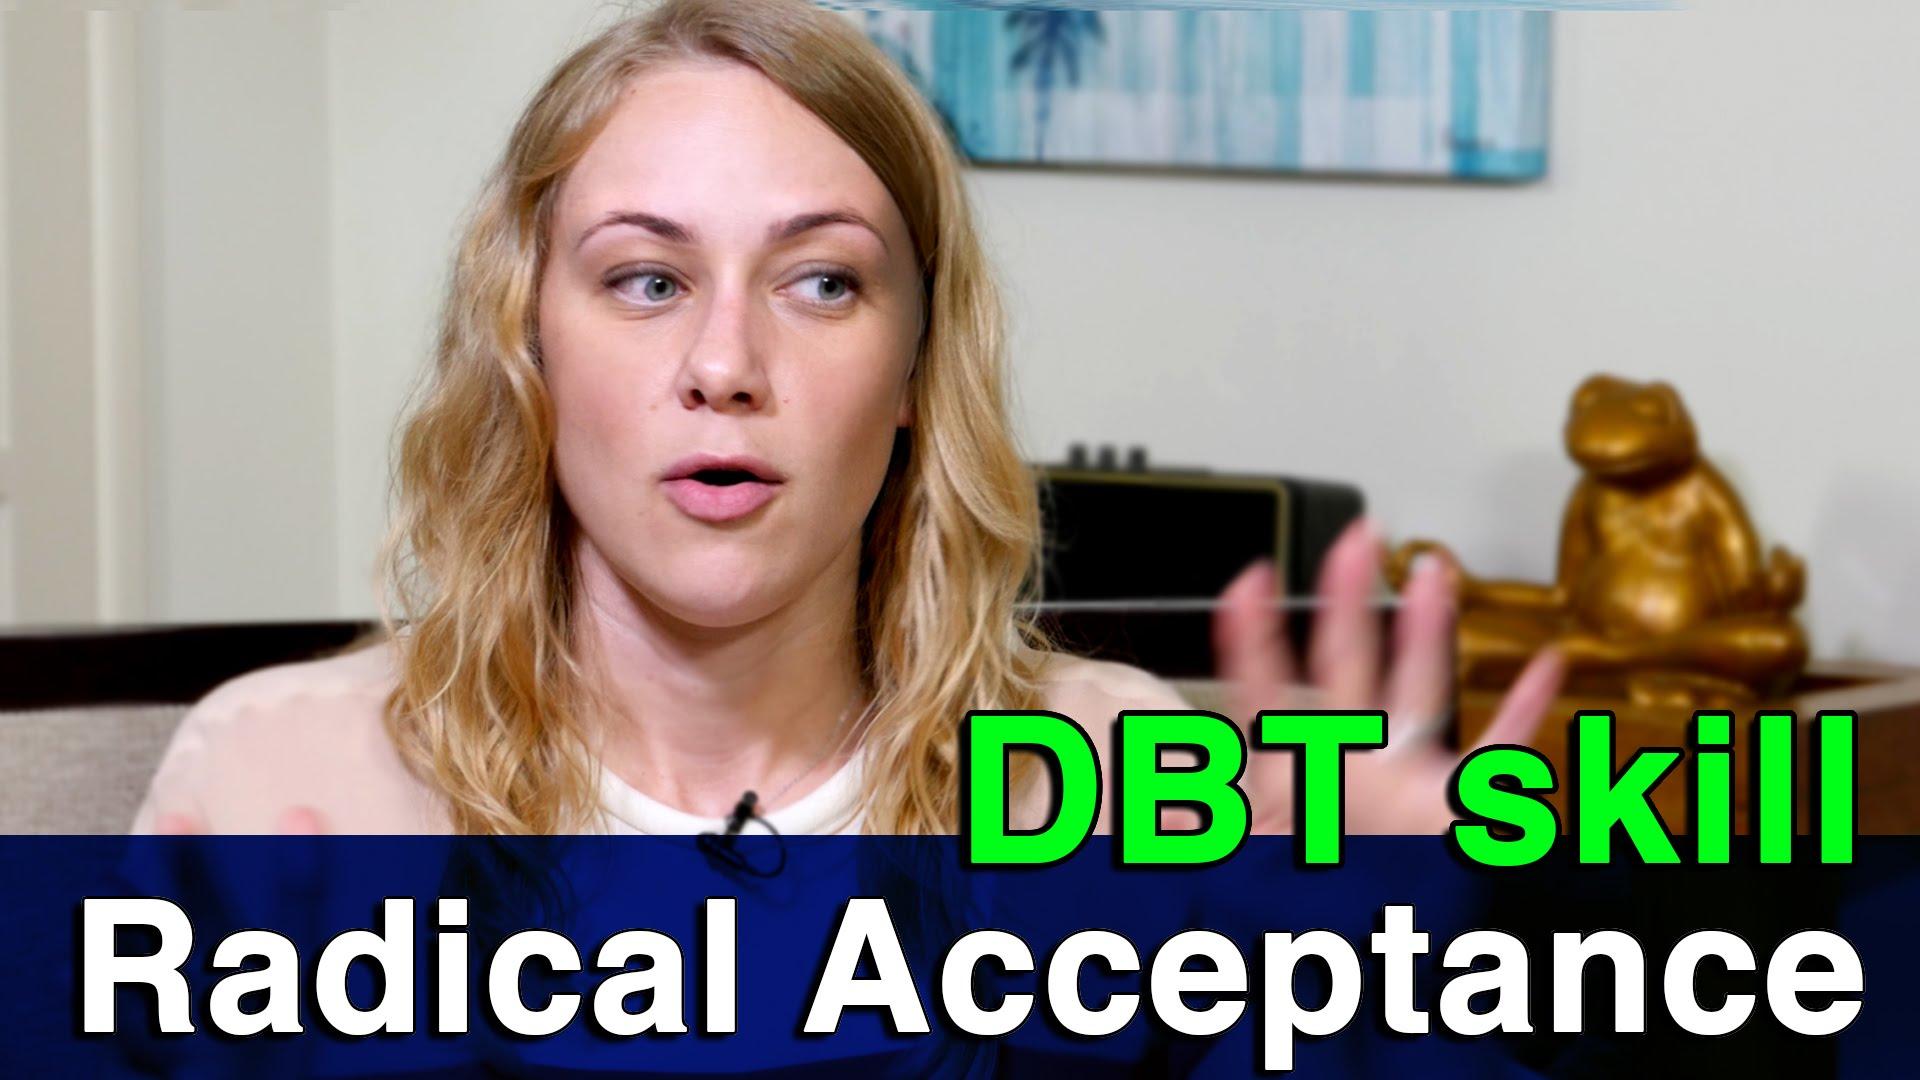 Dbt Skill Radical Acceptance